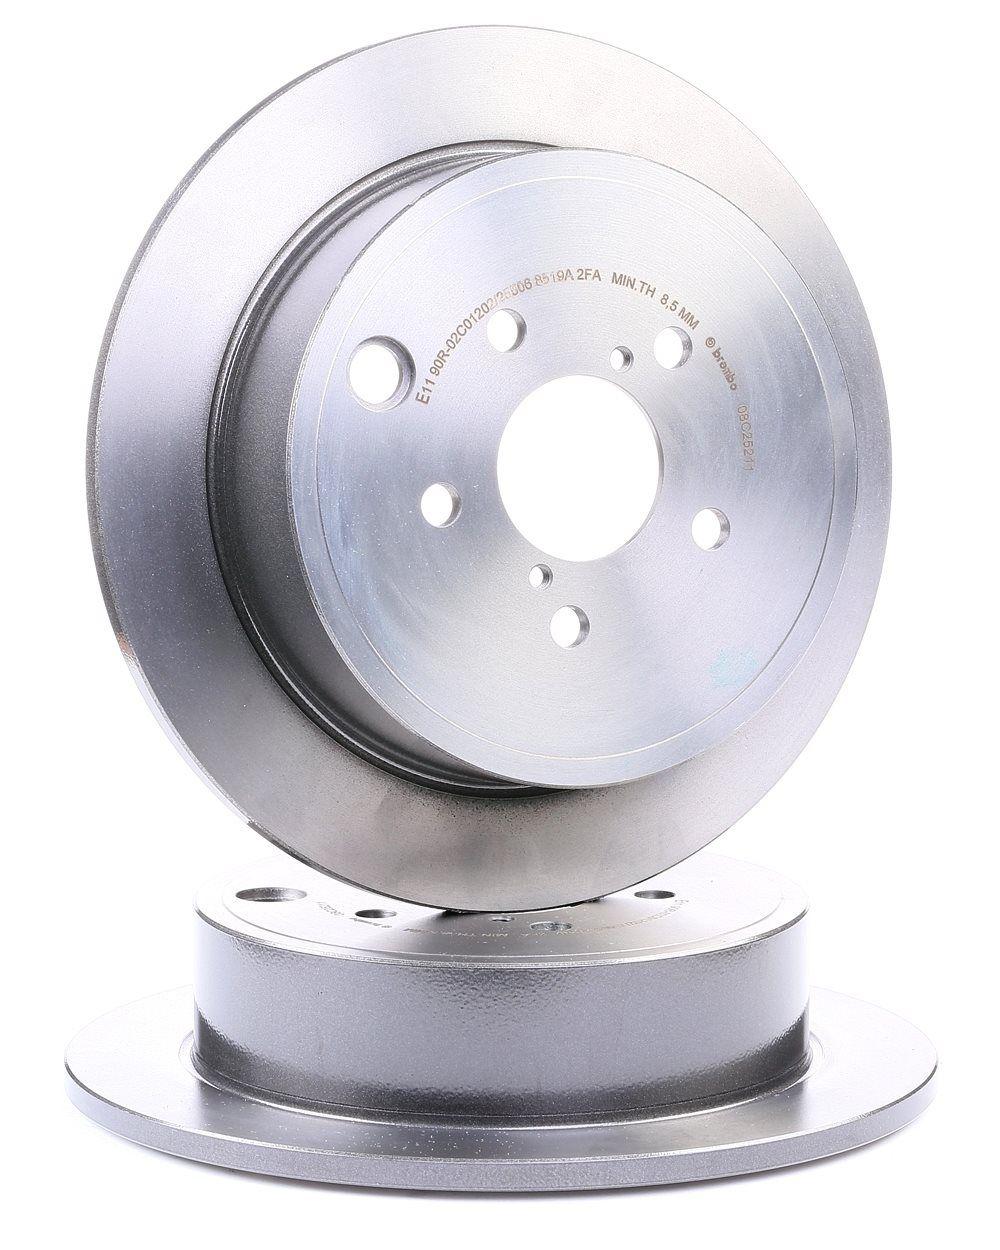 08.C252.11 BREMBO COATED DISC LINE Voll, beschichtet Ø: 286mm, Lochanzahl: 5, Bremsscheibendicke: 10mm Bremsscheibe 08.C252.11 günstig kaufen